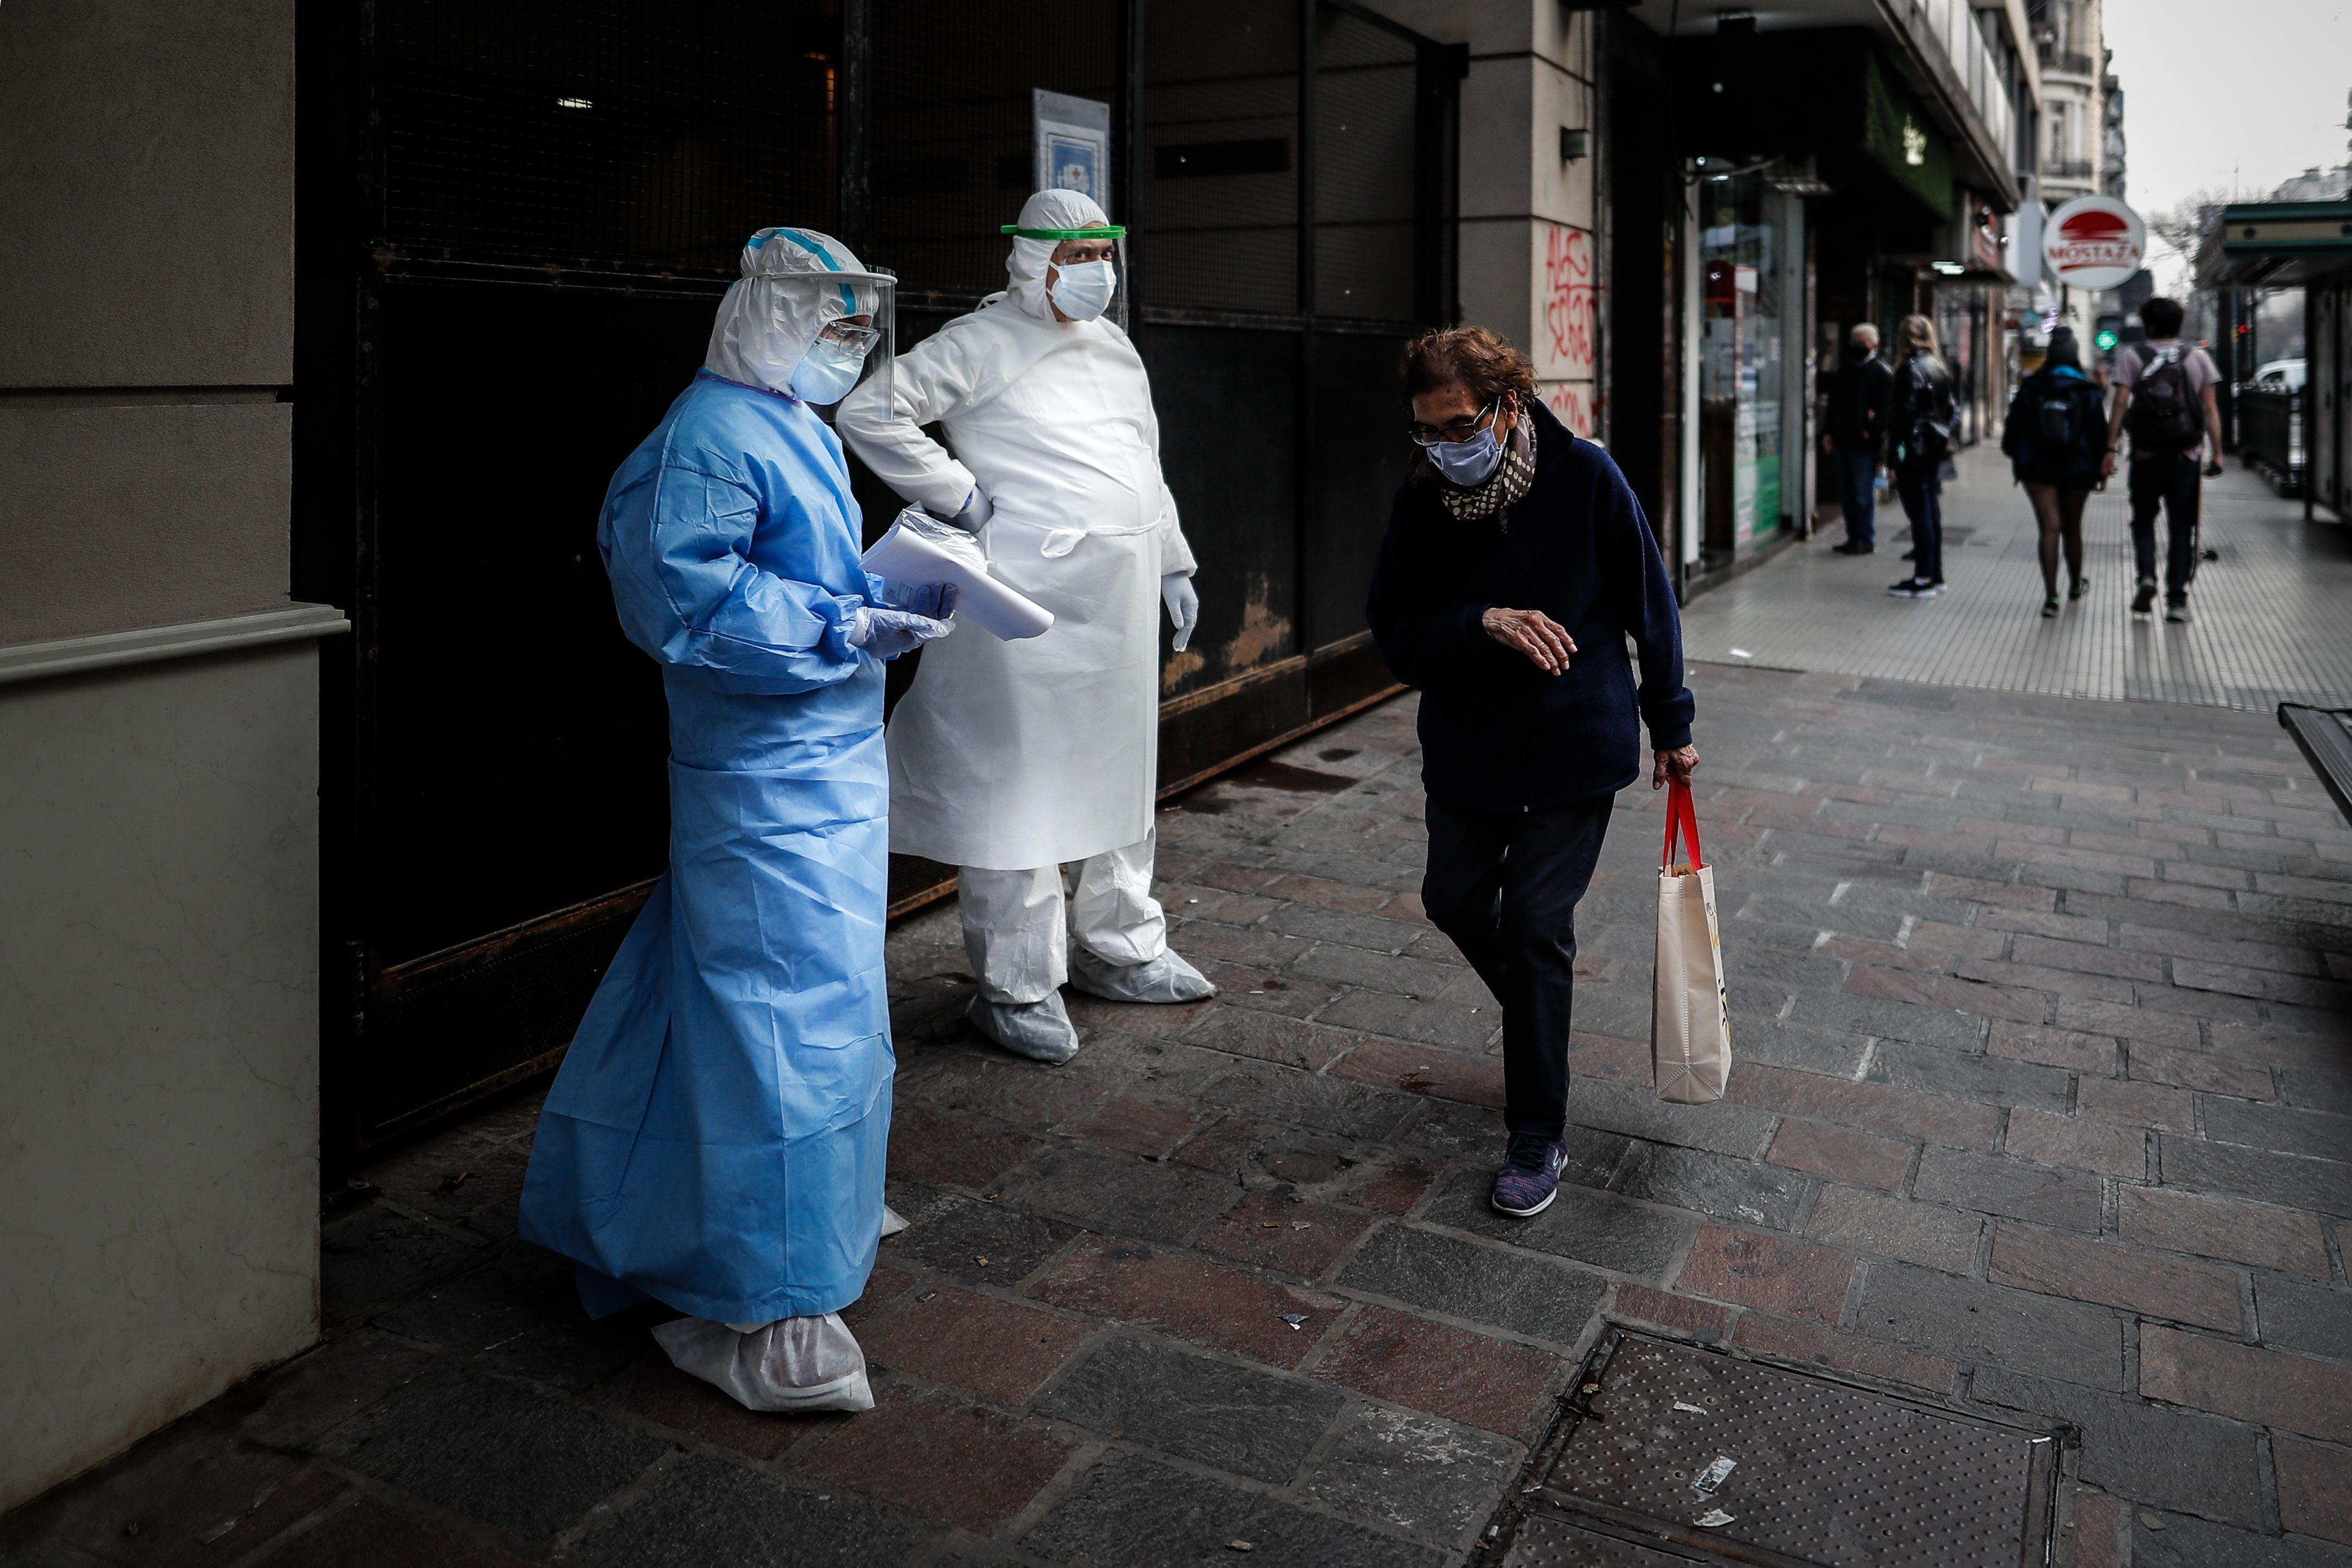 Una mujer pasa frente a personal con trajes de bioseguridad (EFE/Juan Ignacio Roncoroni)